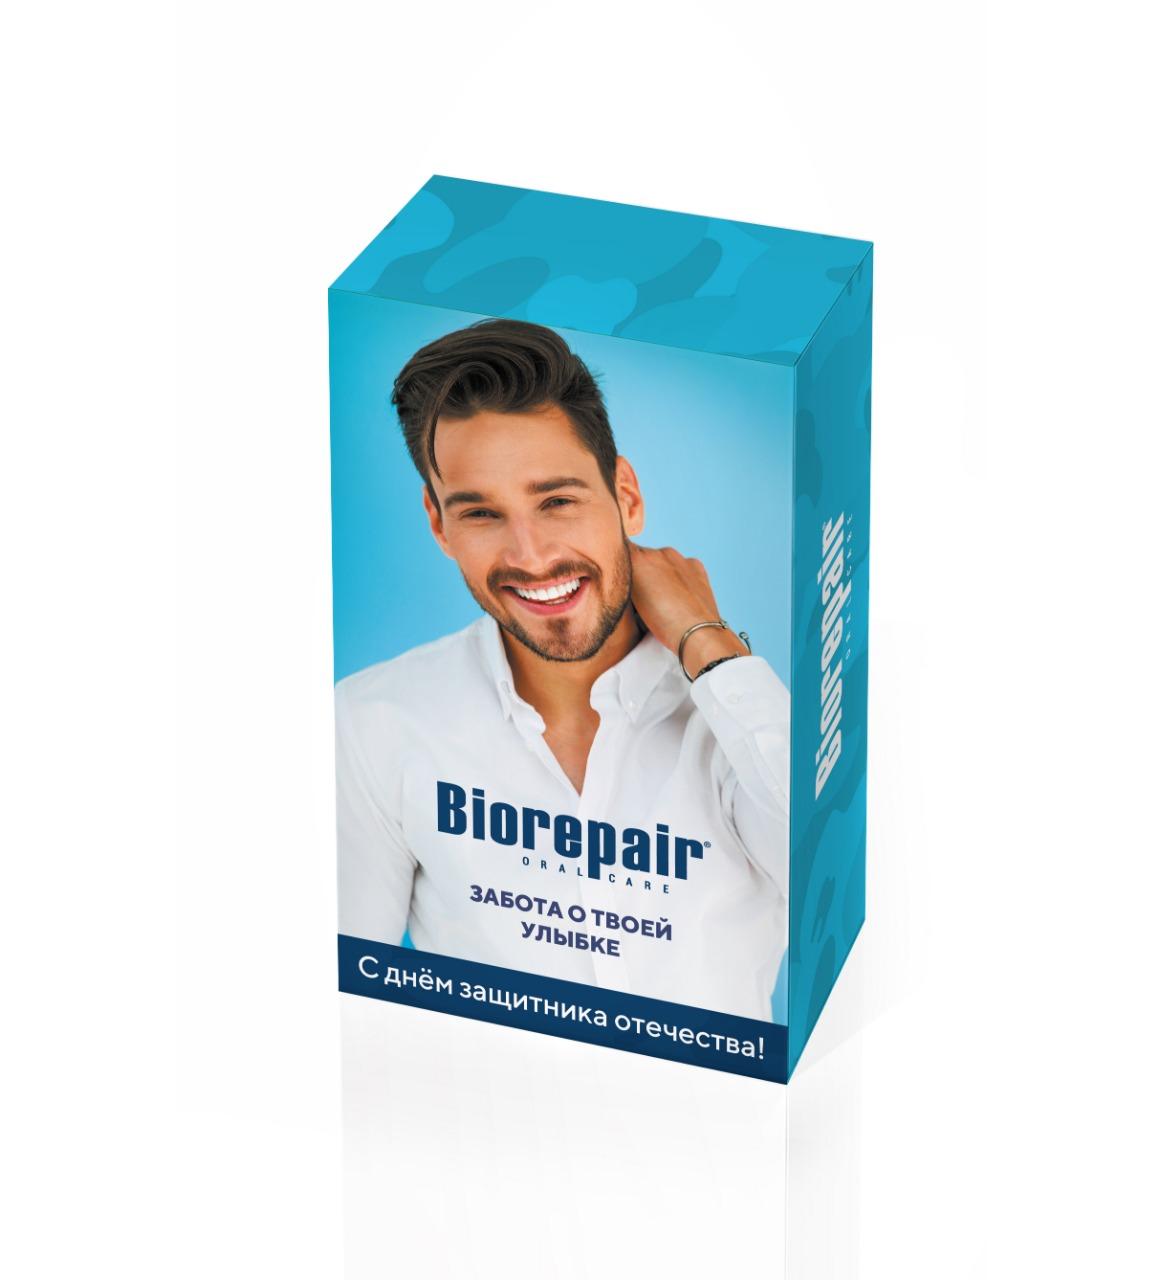 Купить Biorepair Набор в коробке Забота о твоей улыбке 2 шт. (Biorepair, Ежедневная забота), Италия